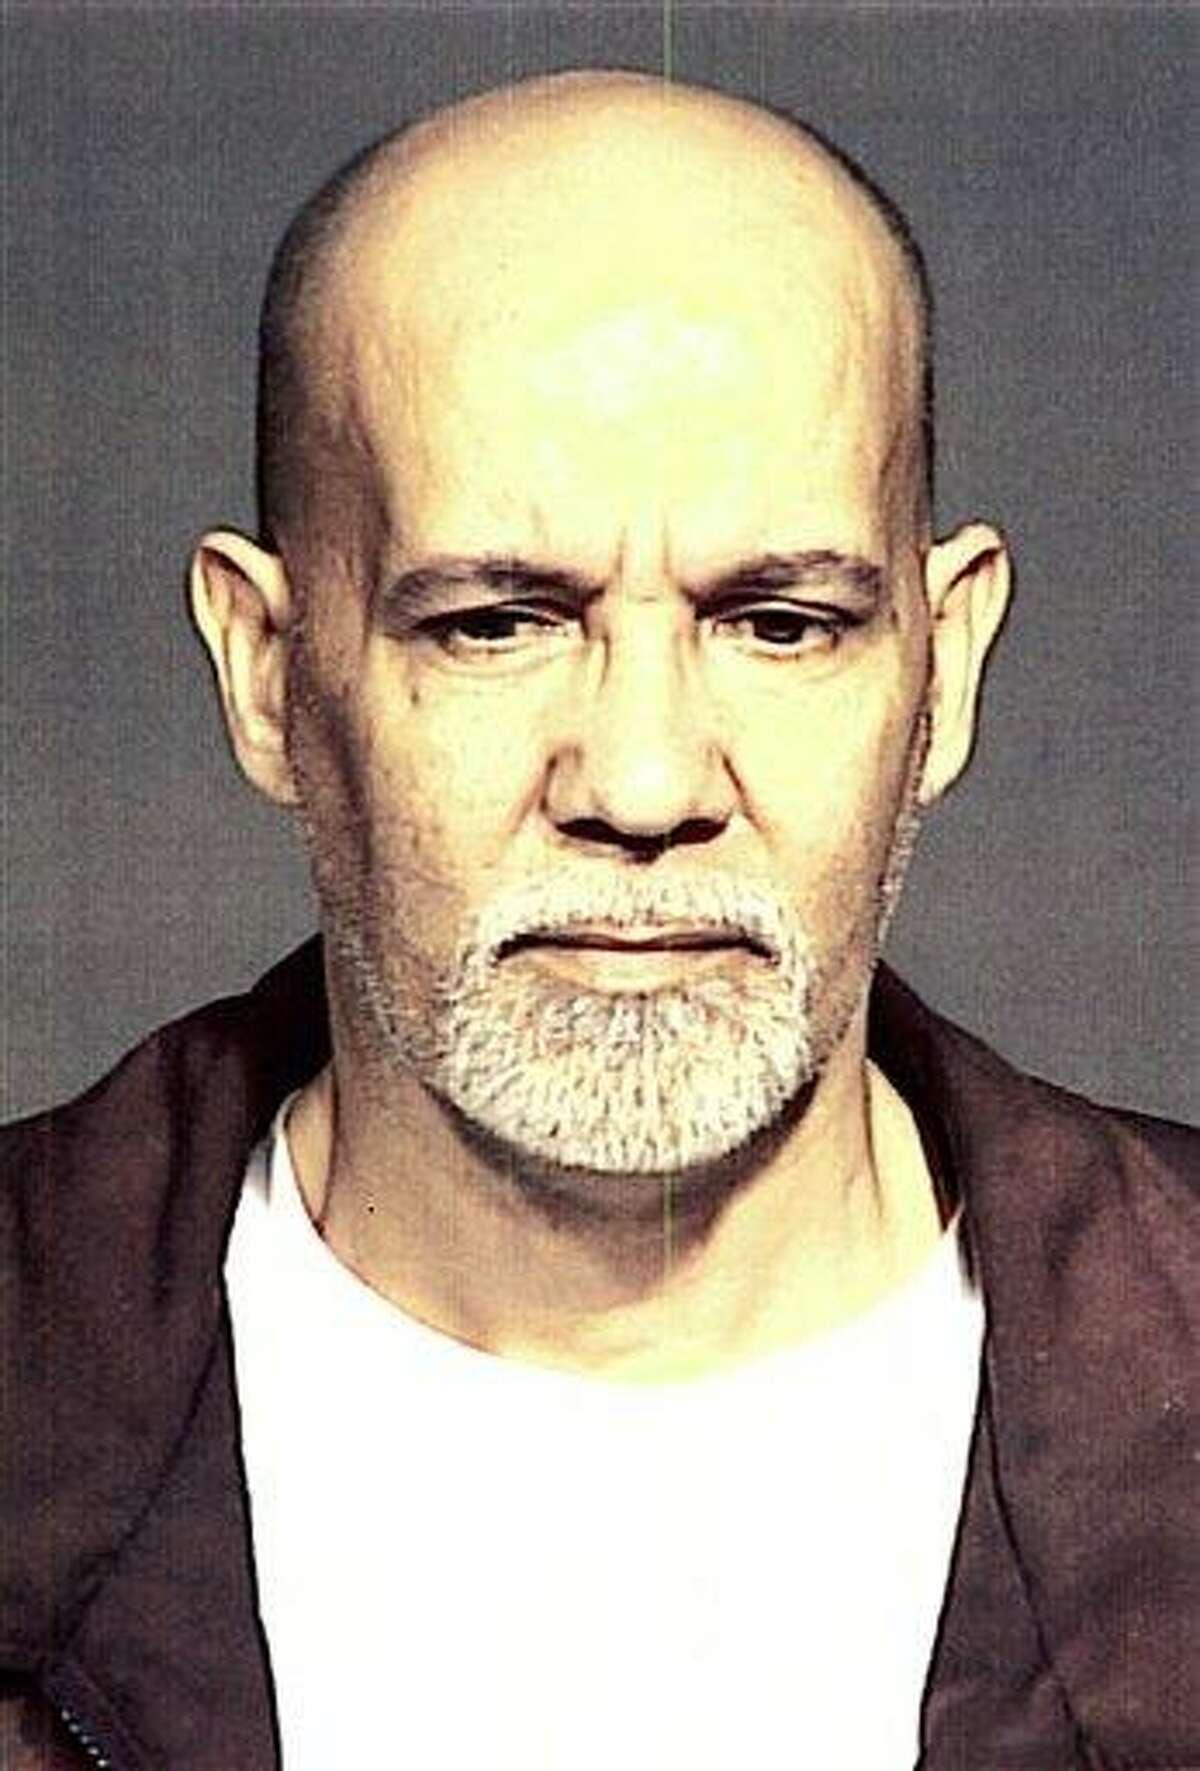 Murder suspect Pedro Hernandez confessed to the 1979 murder of 6-year Etan Patz. AP Photo